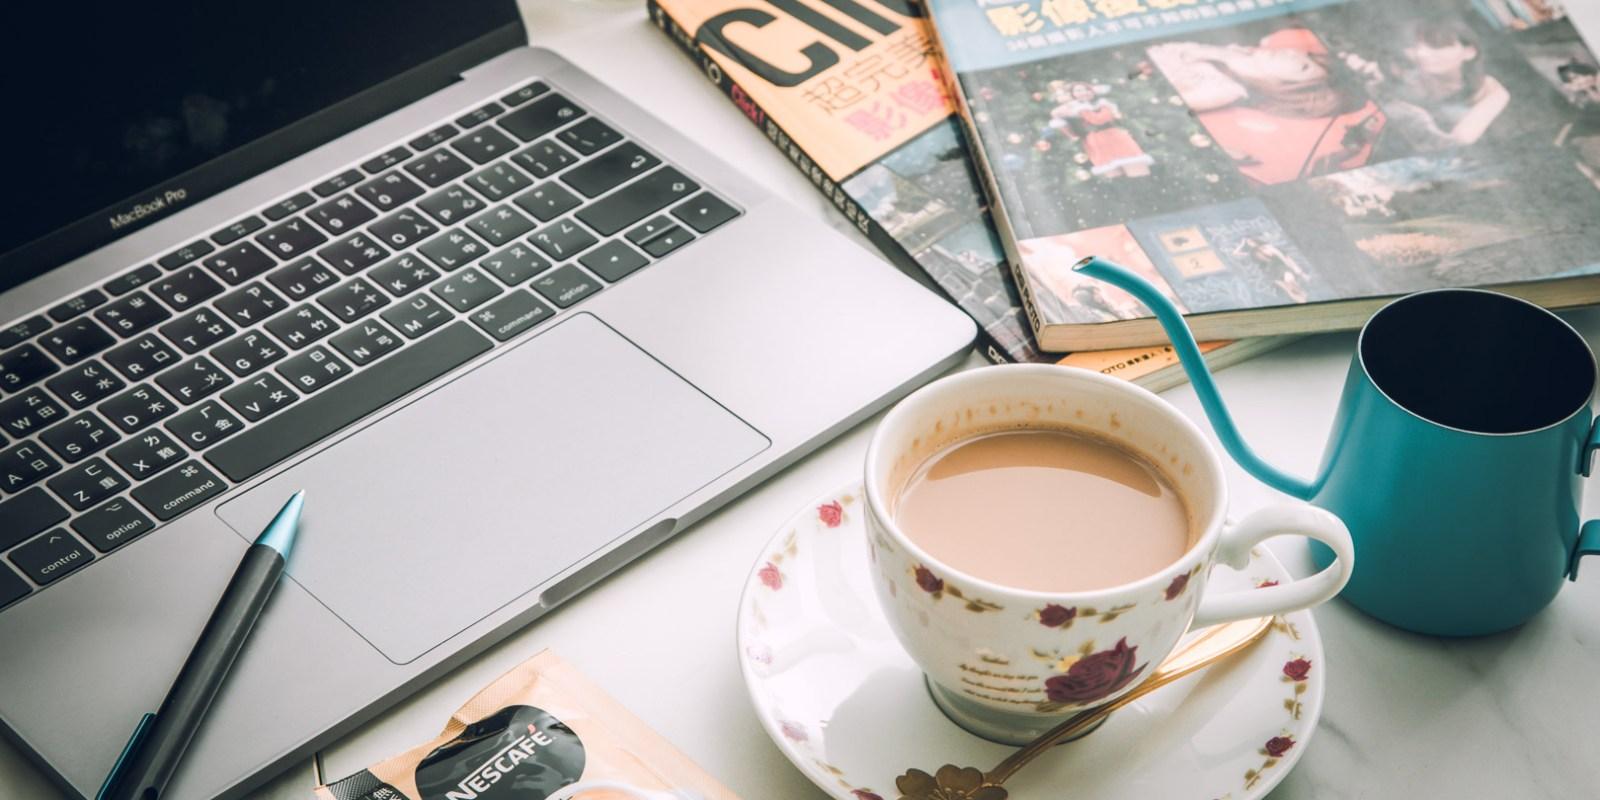 costco好市多必買好物推薦/雀巢咖啡純拿鐵二合一,濃郁迷人咖啡香,無糖更健康!